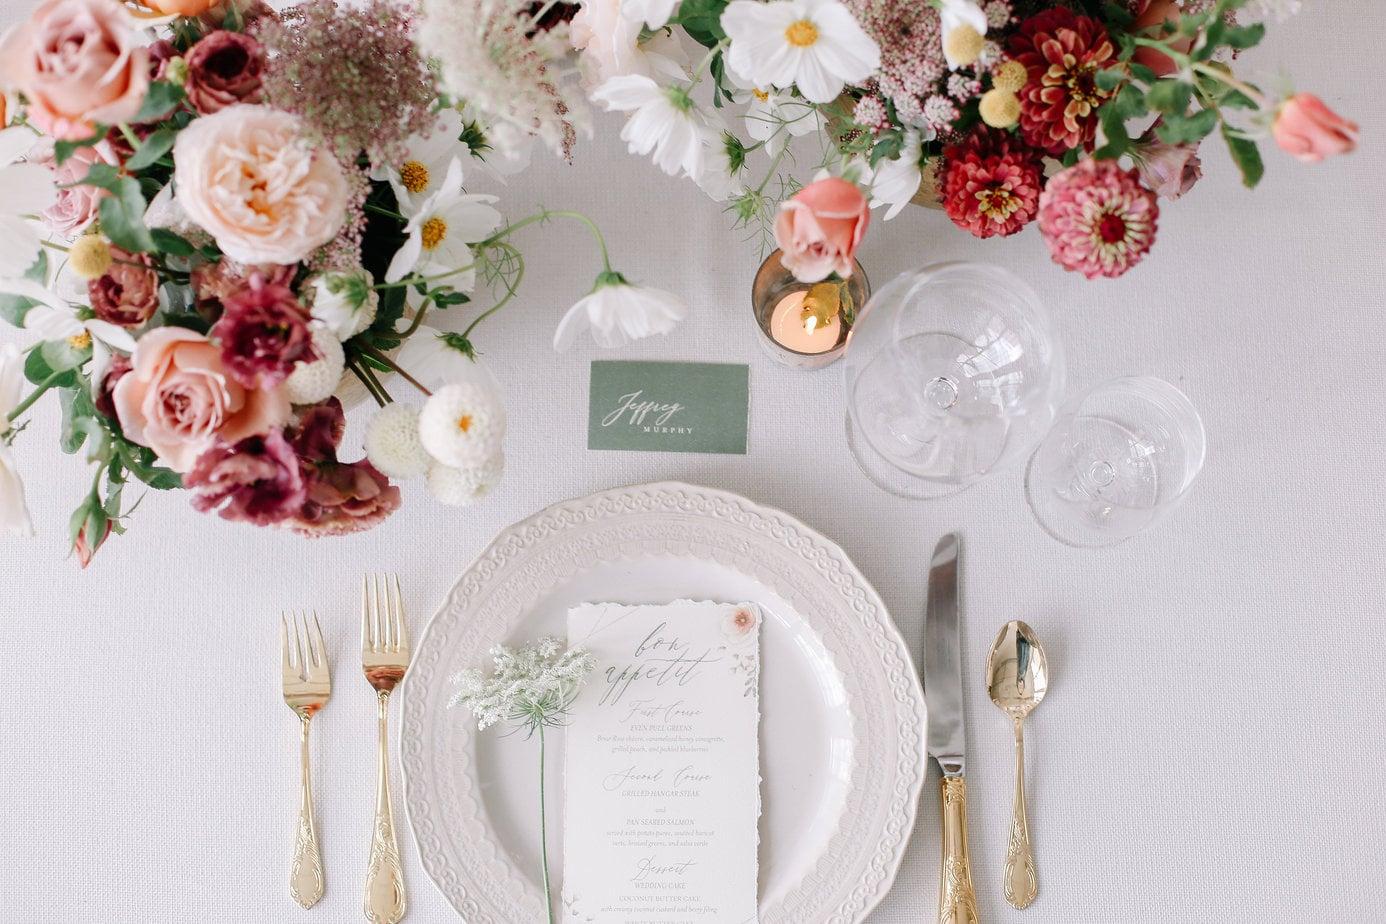 Portlands Florist For Wedding Brides Blog Blum Floral Design